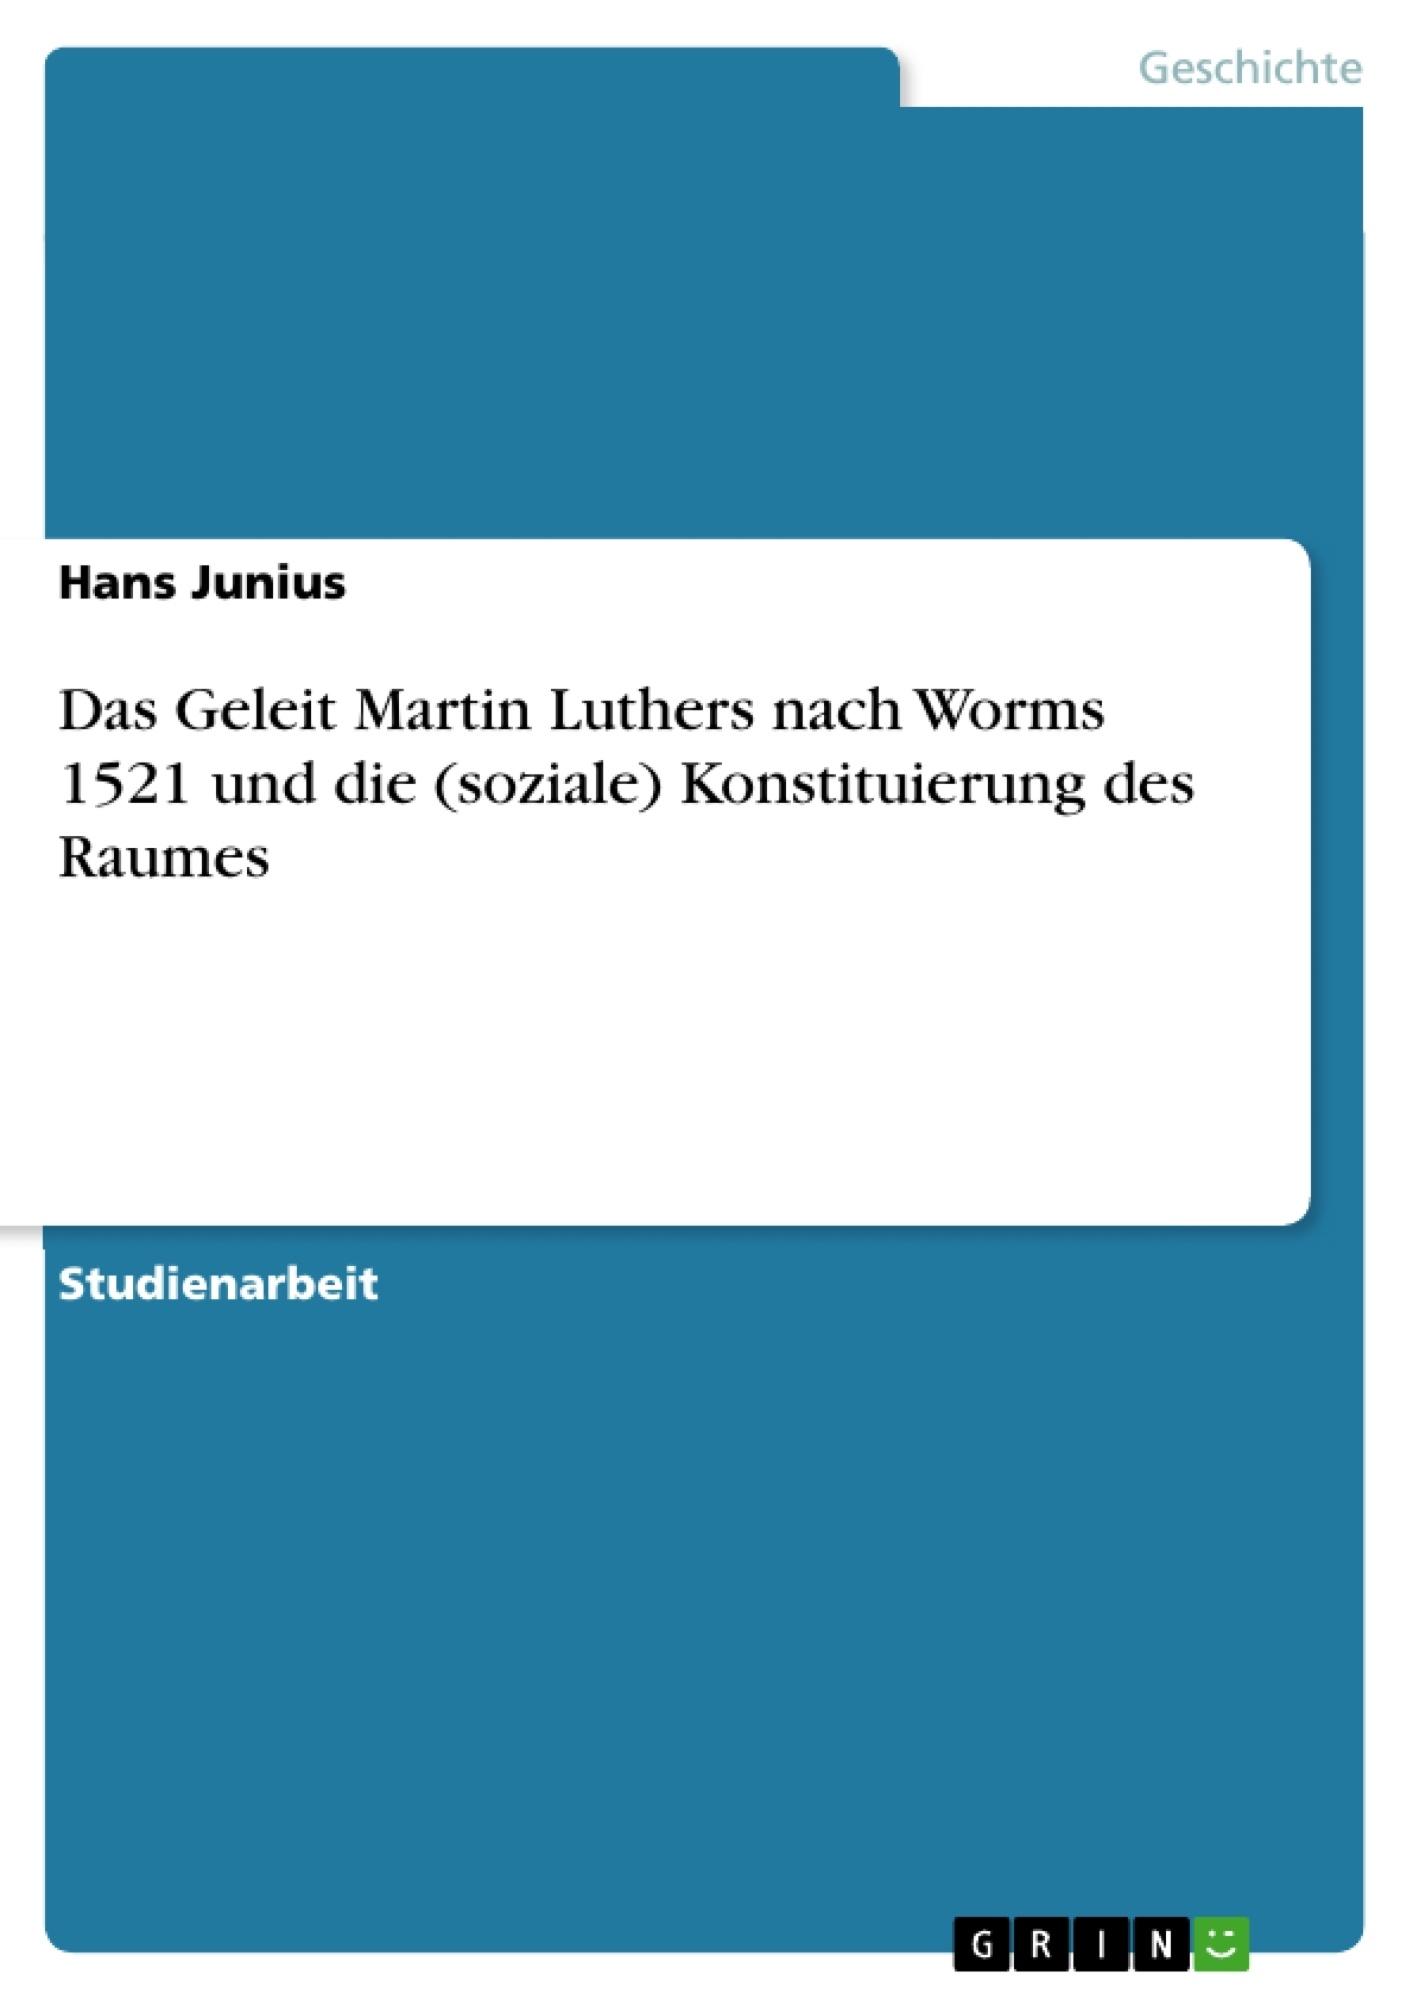 Titel: Das Geleit Martin Luthers nach Worms 1521 und die (soziale) Konstituierung des Raumes